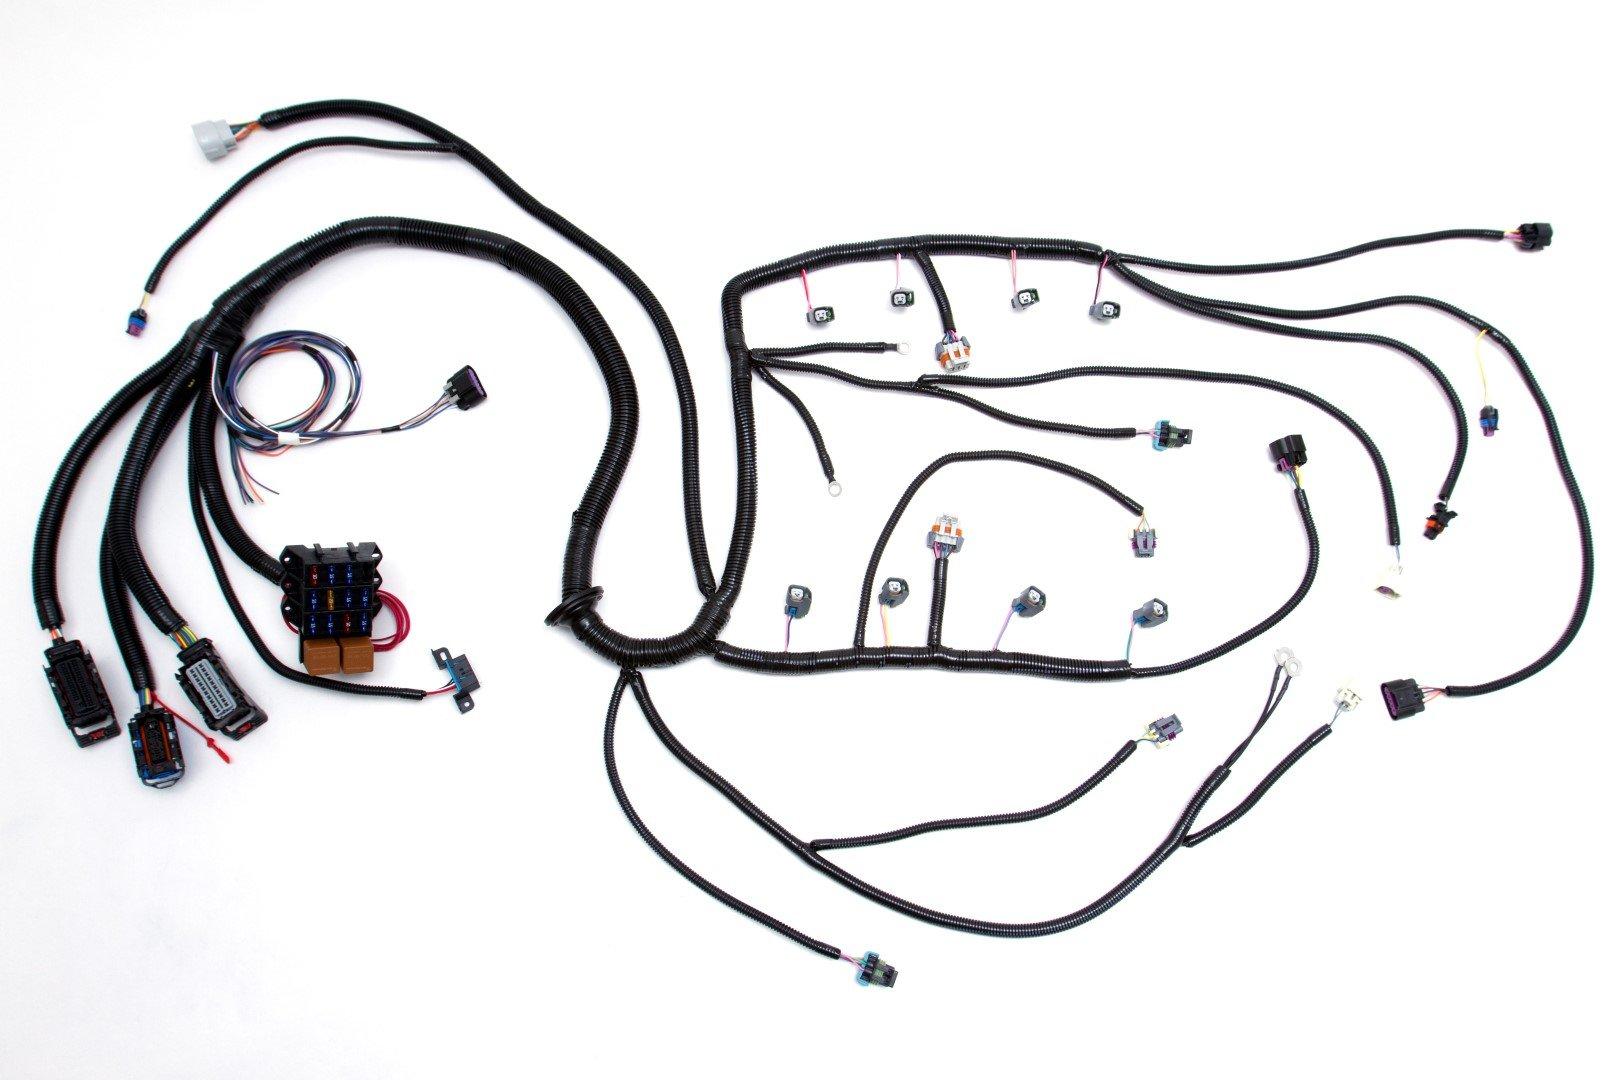 4l60e shifter, 4l60e oil pan, 4l60e transfer case, 4l60e hoses, 1998 4l60e sensor harness, 4l60e transmission, 4l60e power wire, 4l60e to 4l80e, on 4 wheel drive 4l60e wiring harness